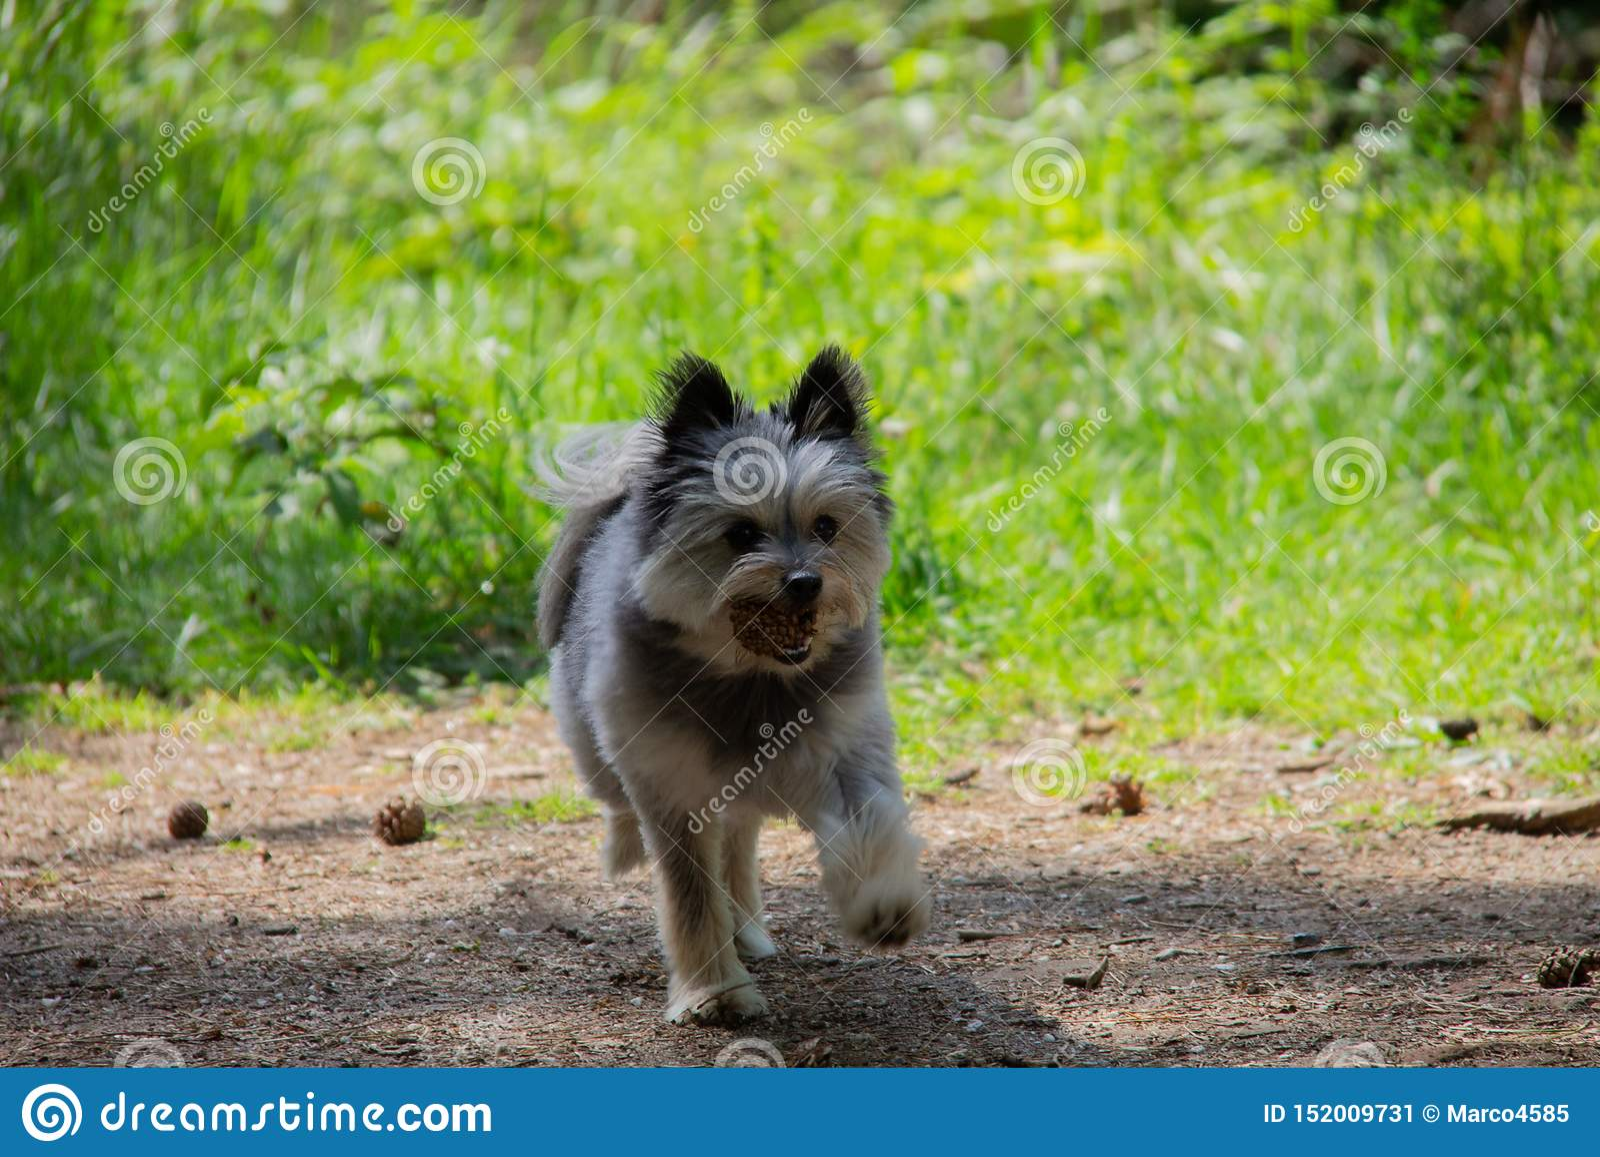 Piccolo cane Yorkshire e camminata pomerarian nella foresta che gioca con un ananas